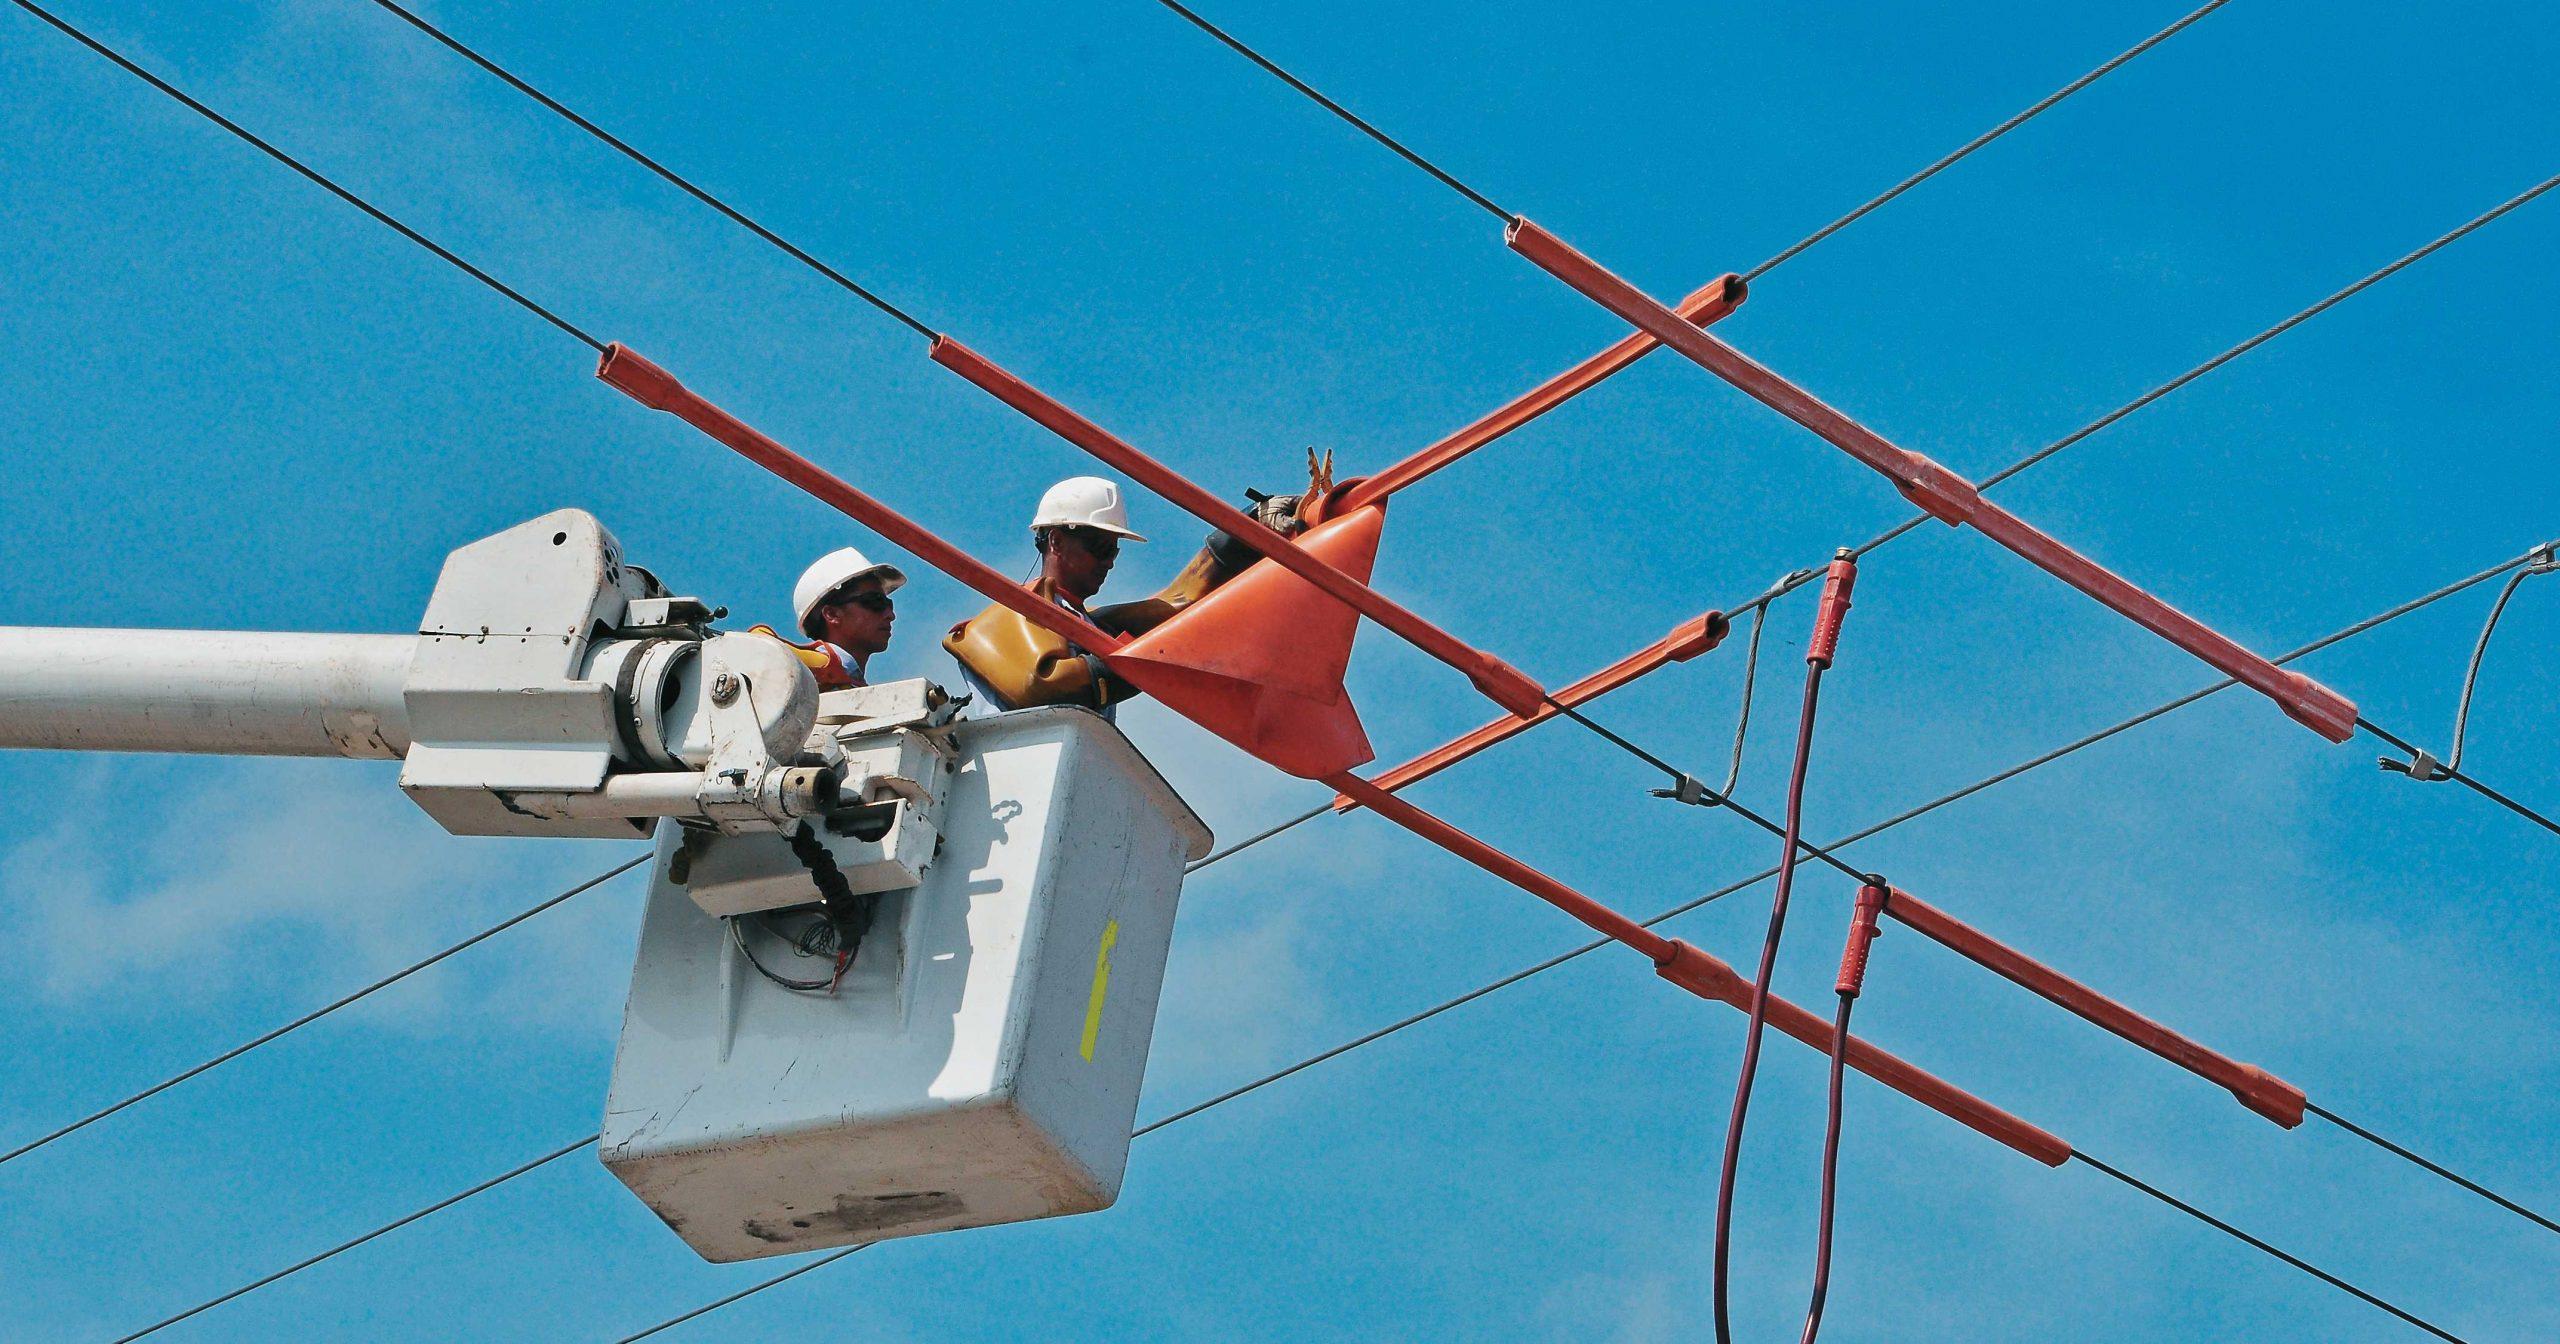 Nuevamente varios barrios de la ciudad estarán sin luz mañana domingo y el día lunes. La empresa Electricaribe dice que se estarán instalando unas torres de alta tensión para el mejoramiento del servicio.